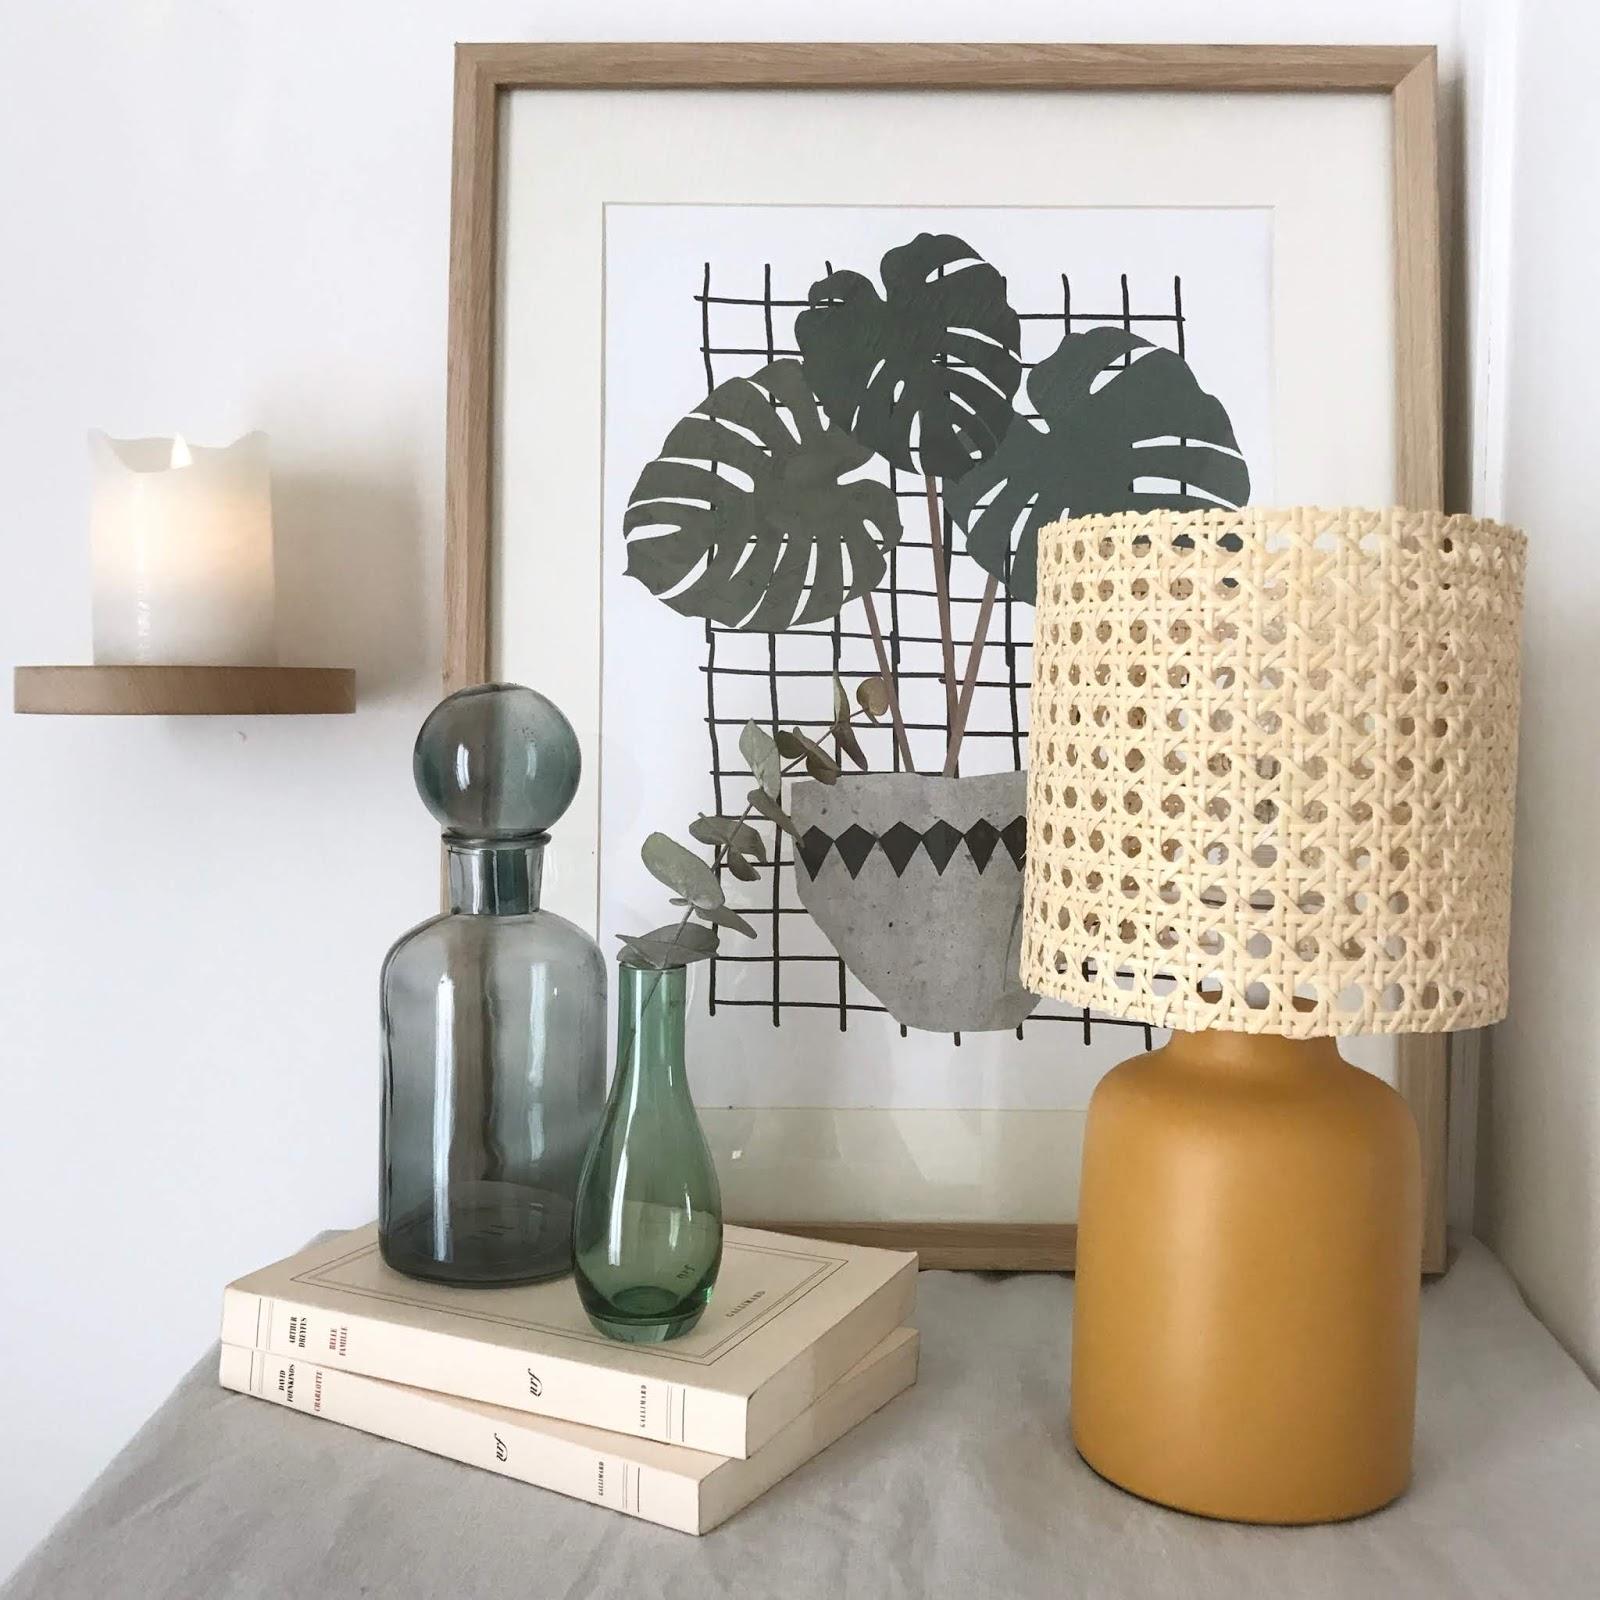 diy lampara de cannage o rejilla para decorar facil y lowcost